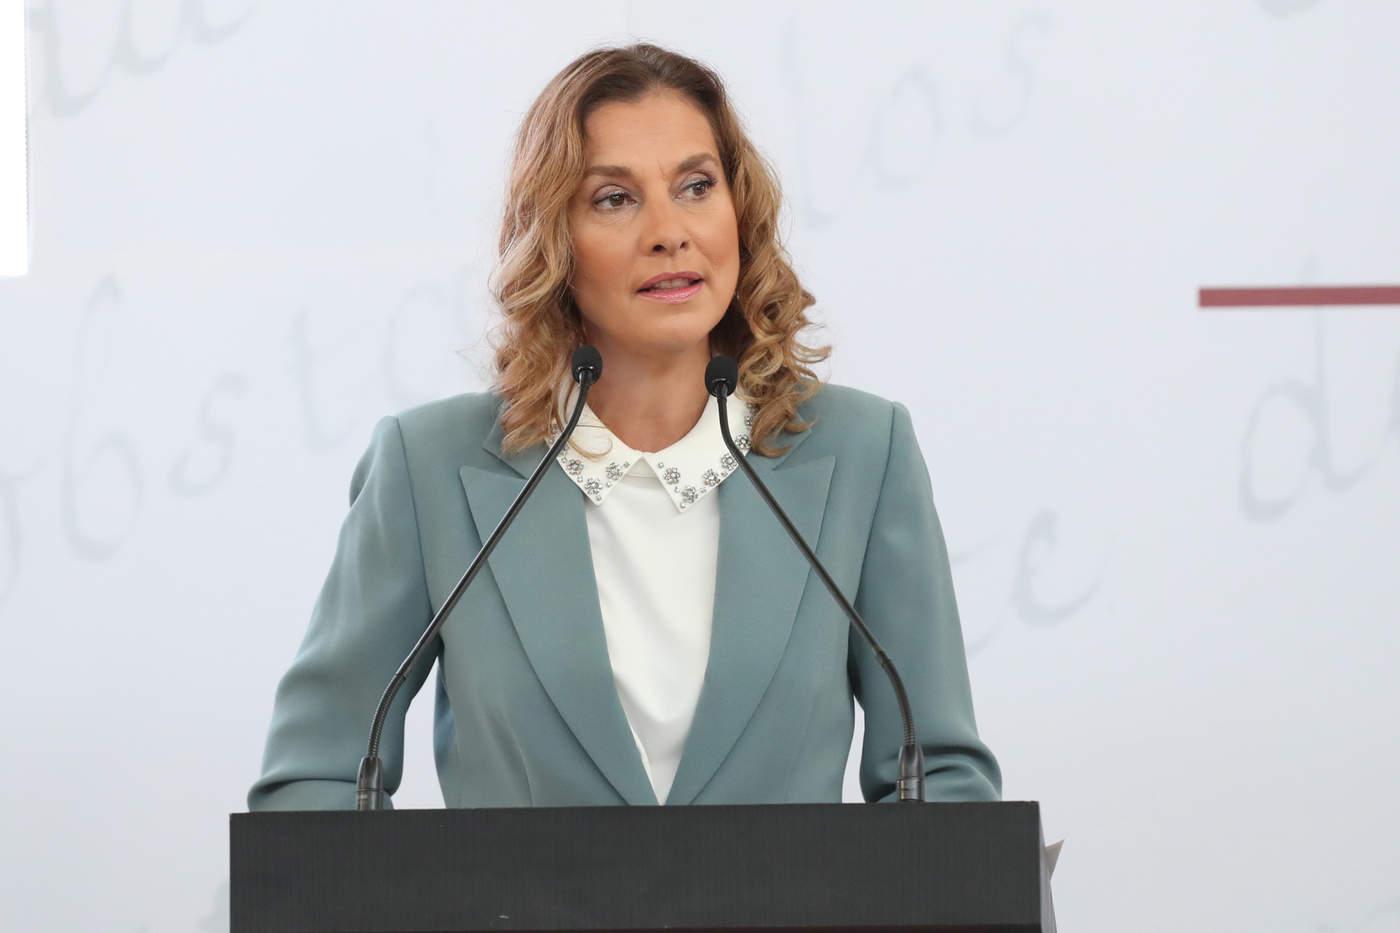 Mi pésame a los familiares de las víctimas: Beatriz Gutiérrez. Noticias en tiempo real